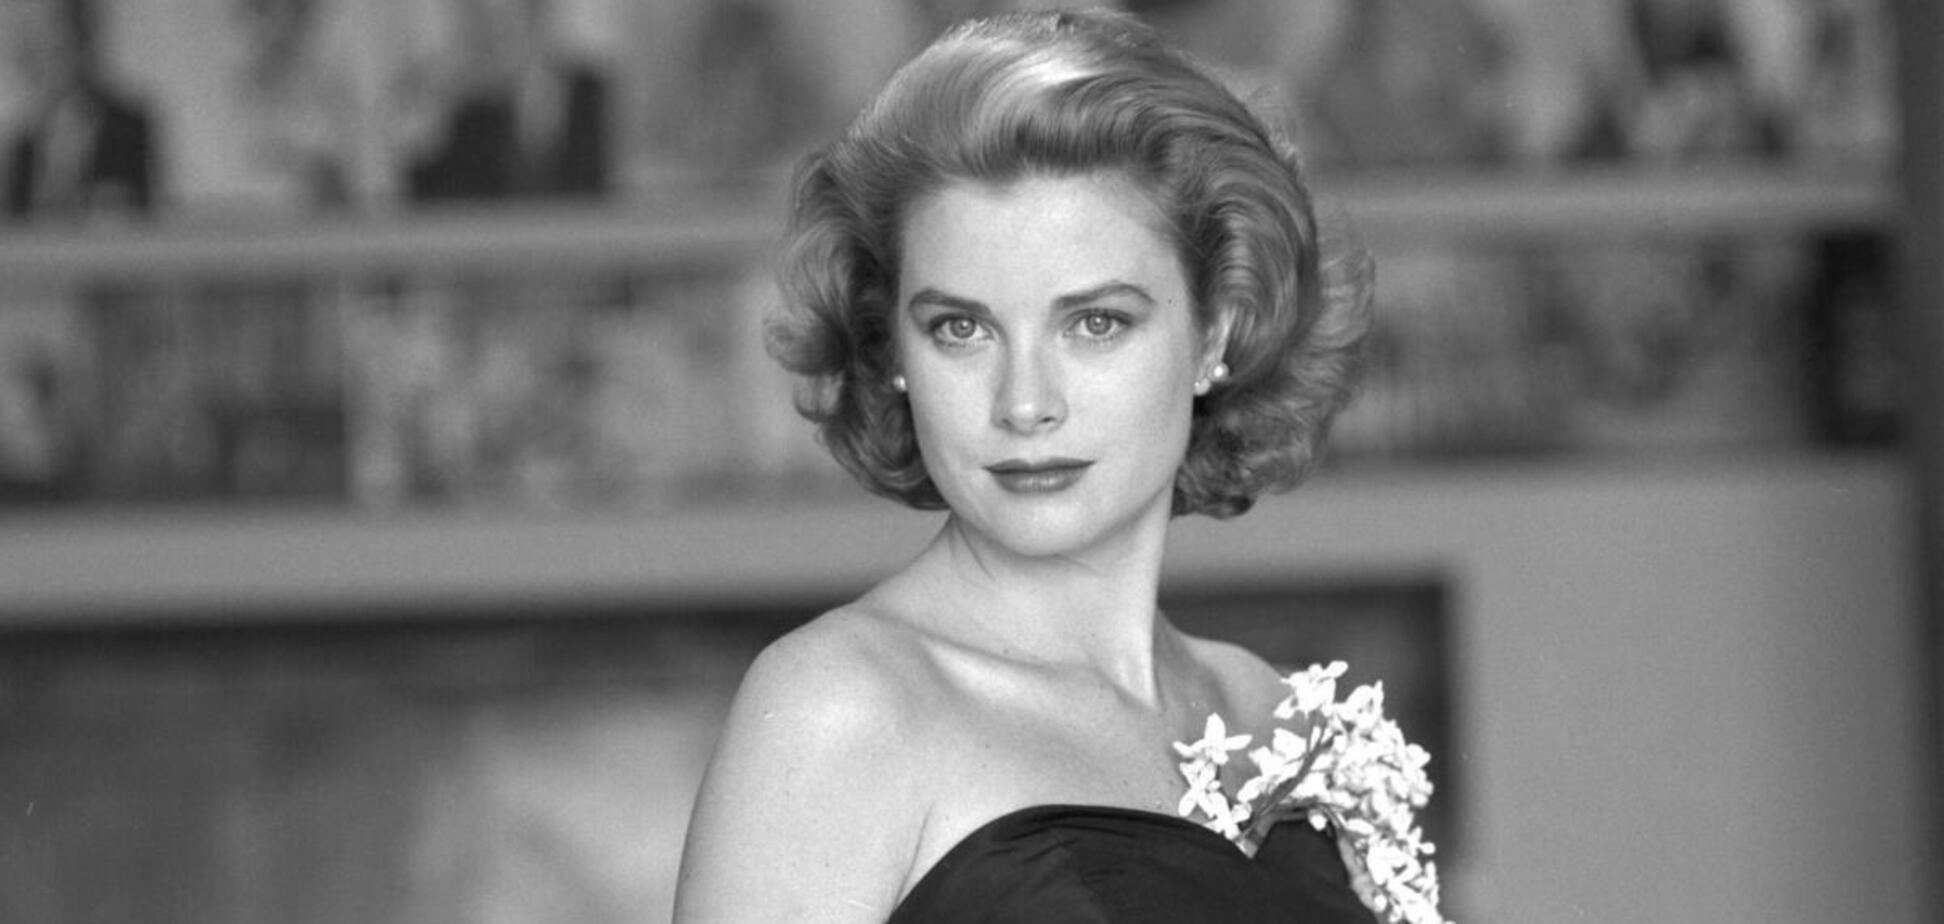 В сети восхитились архивным фото модных девушек 50-х годов